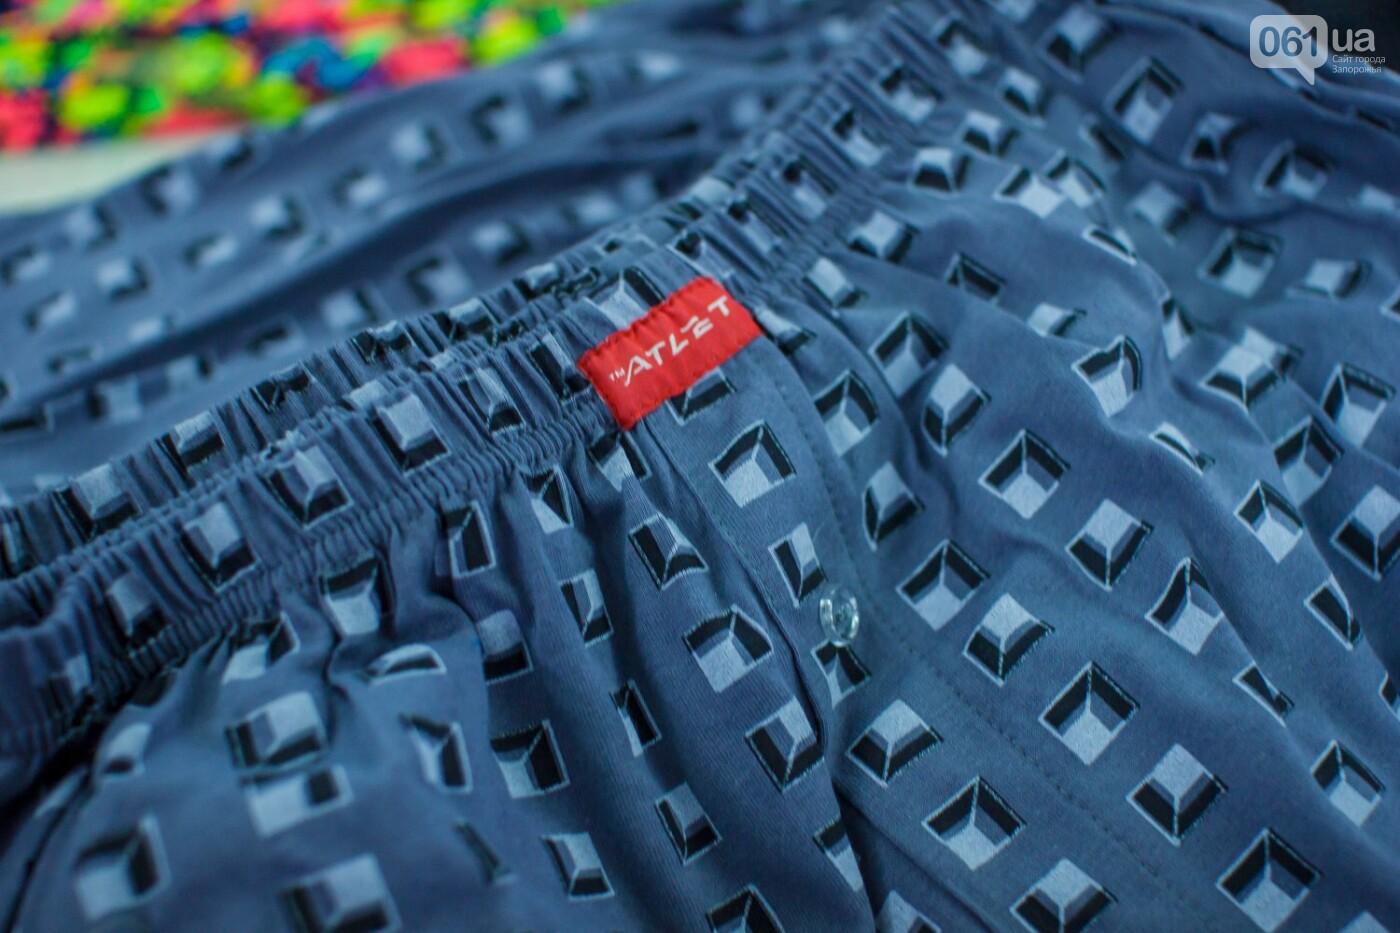 Как в Запорожье шьют мужское белье: экскурсия на трикотажную фабрику, – ФОТОРЕПОРТАЖ, фото-51